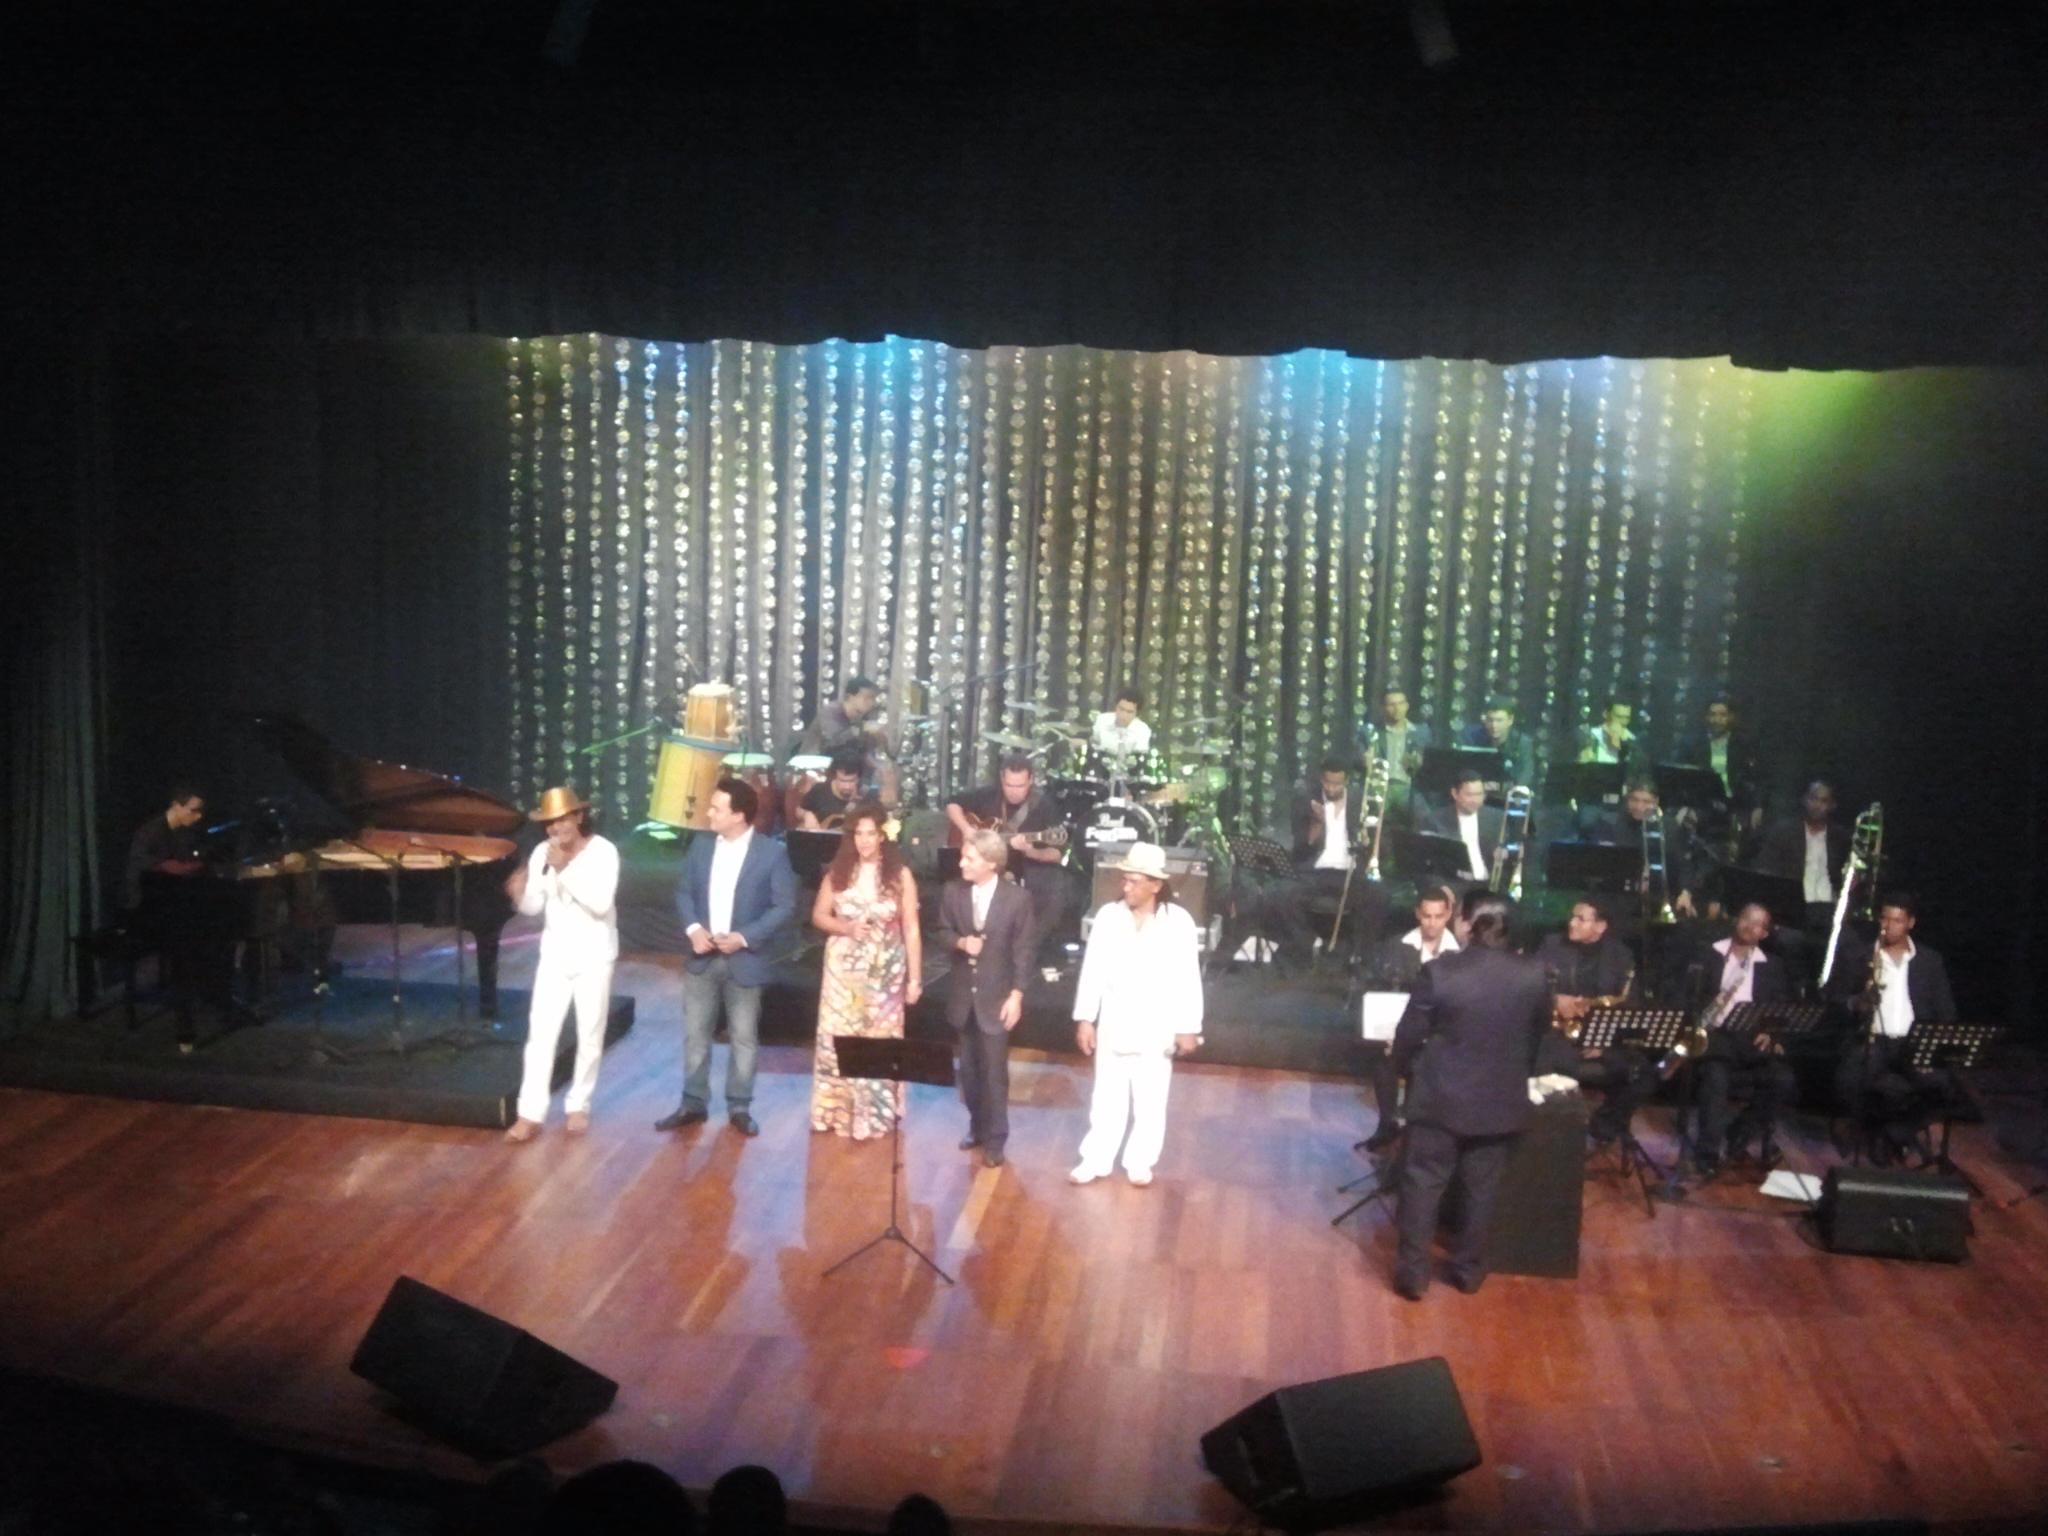 Palmas in Concert arrecada mais de 200 garrafas PET que valiam como ingresso 67b4107254e82